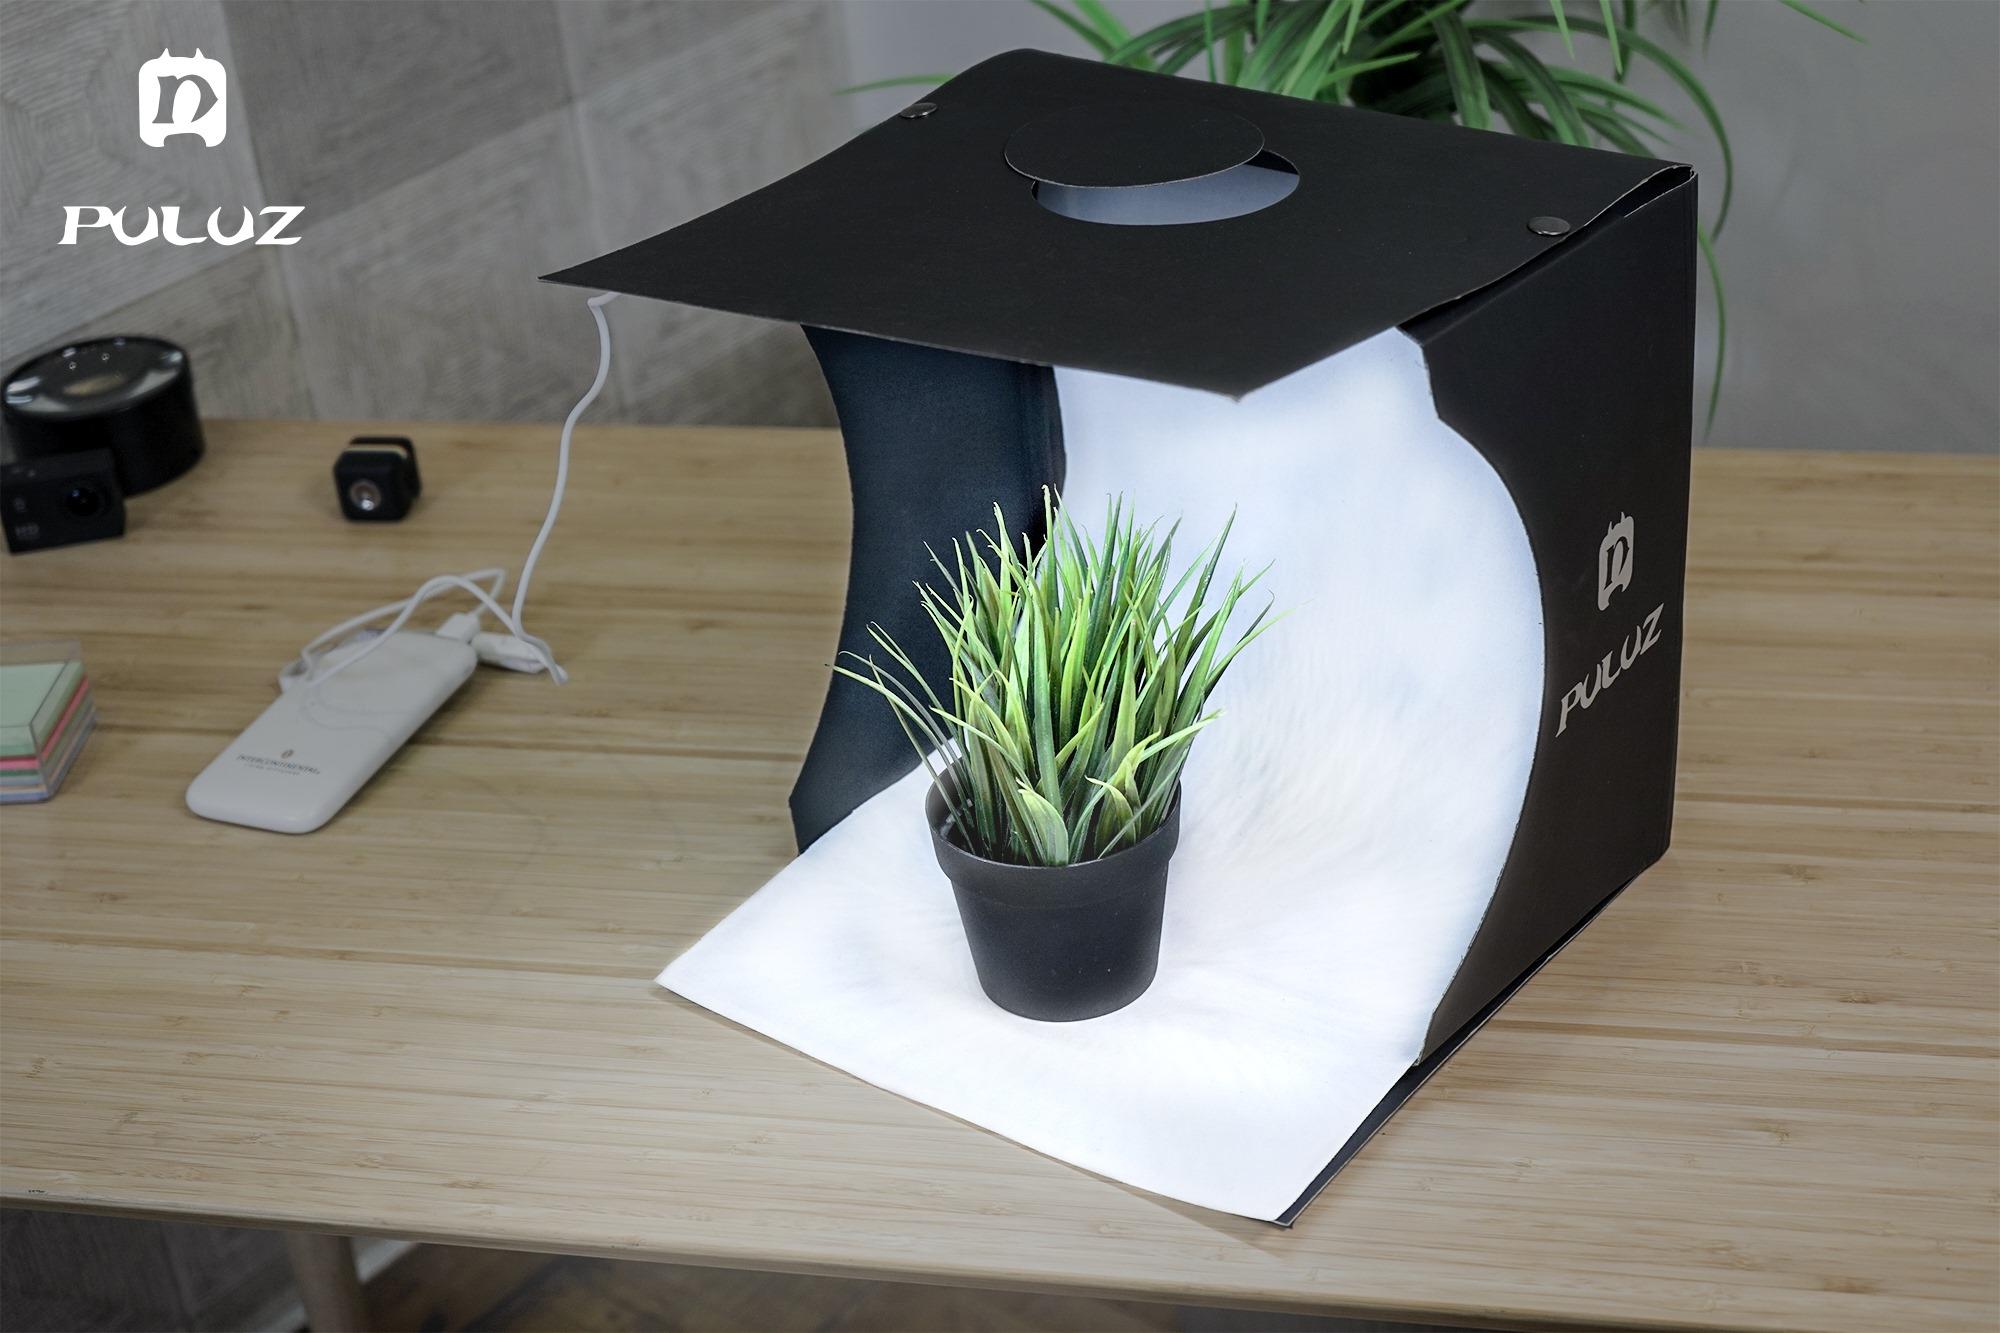 بوكس تصوير المنتجات Lightbox Studio 12 كل ما تريد معرفته عن بوكس تصوير المنتجات Lightbox Studio